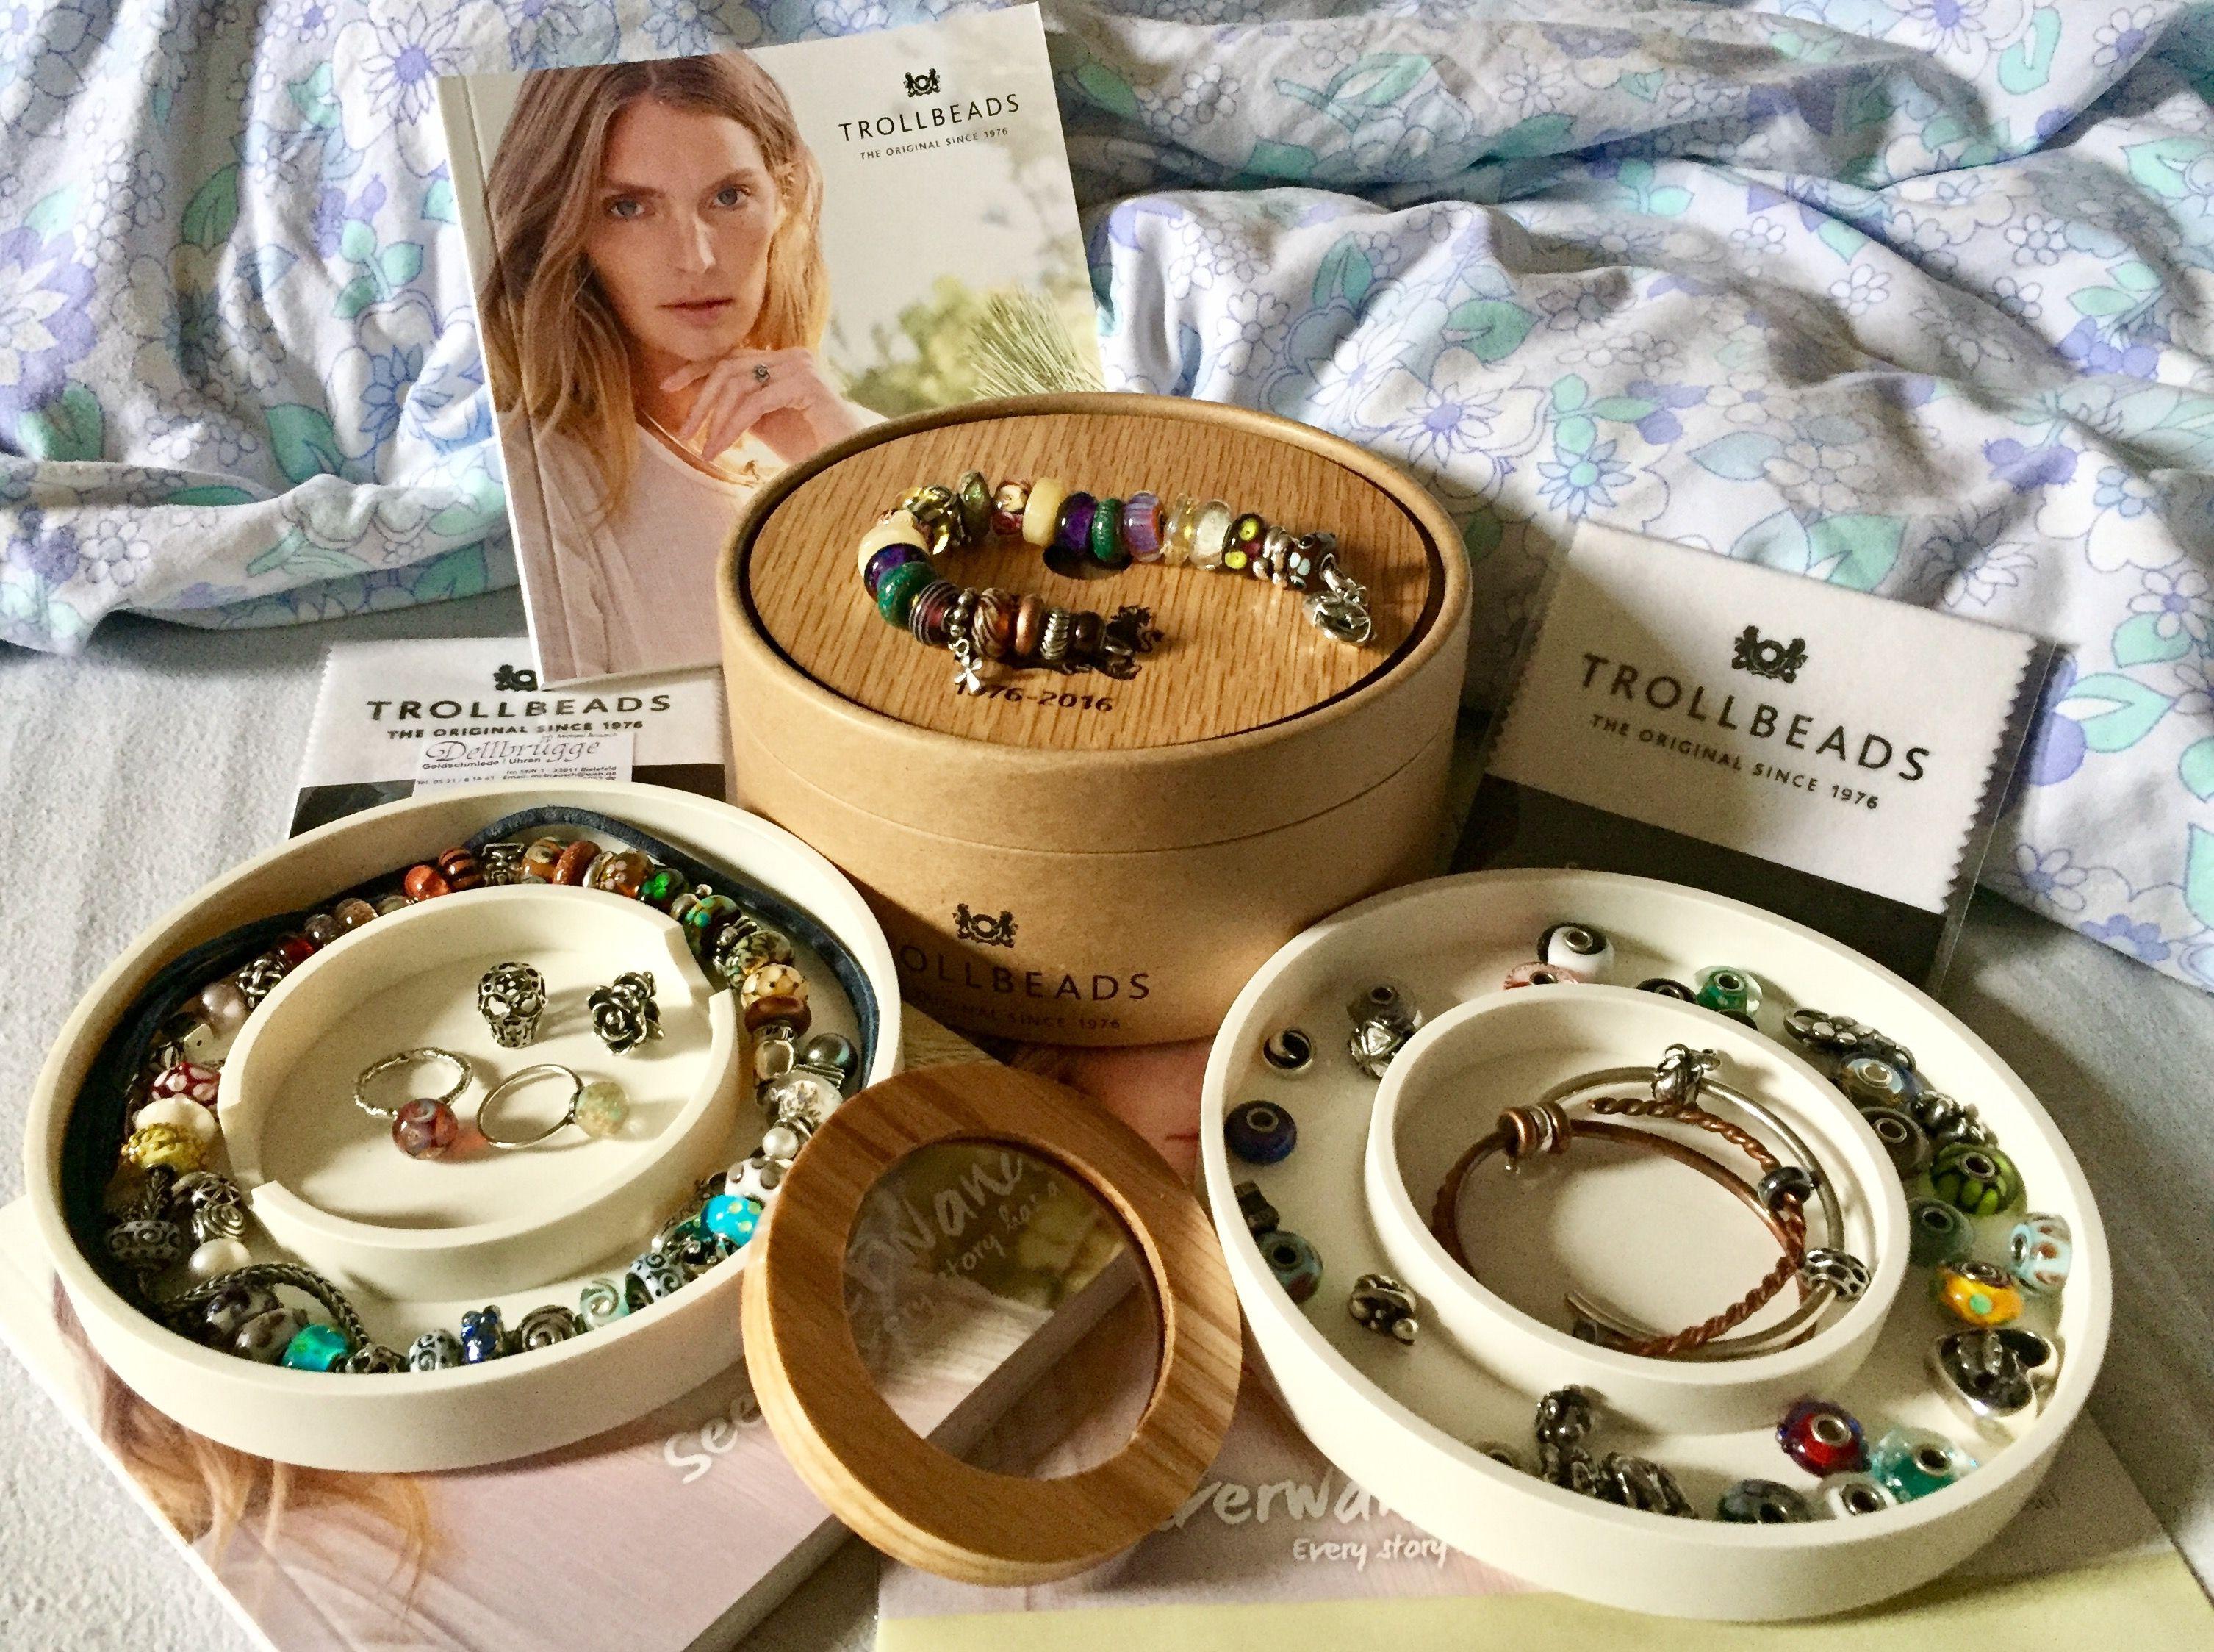 My birthday present: 40th anniversary Trollbeads box Tania Bouckaert